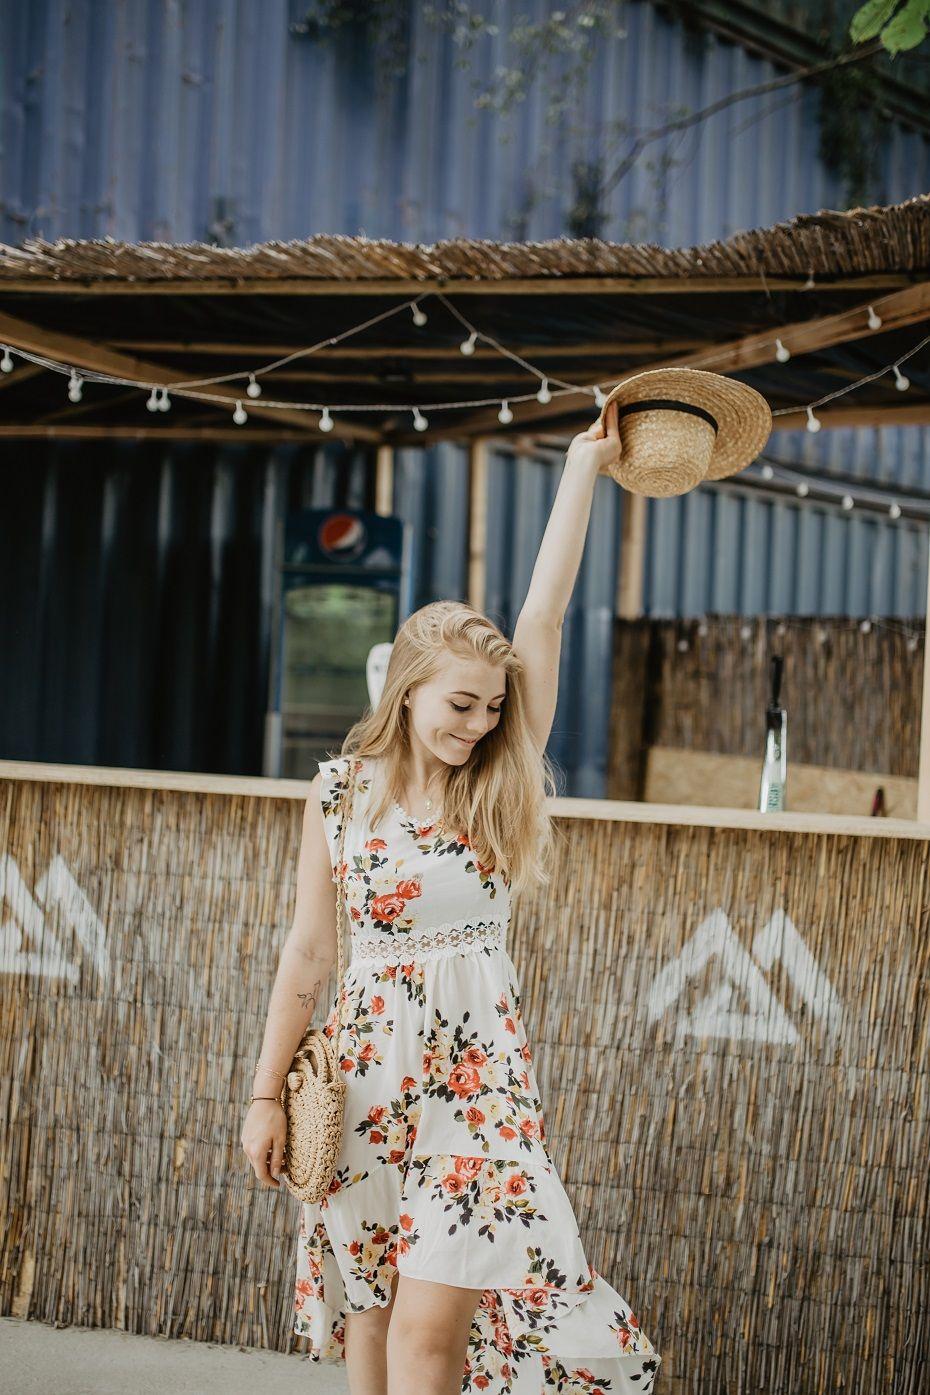 Sukienka W Kwiaty Stylizacja Na Letnie Dni Rozalia Boho Summer Outfits Boho Outfits Hippie Floral Dress Outfit Summer